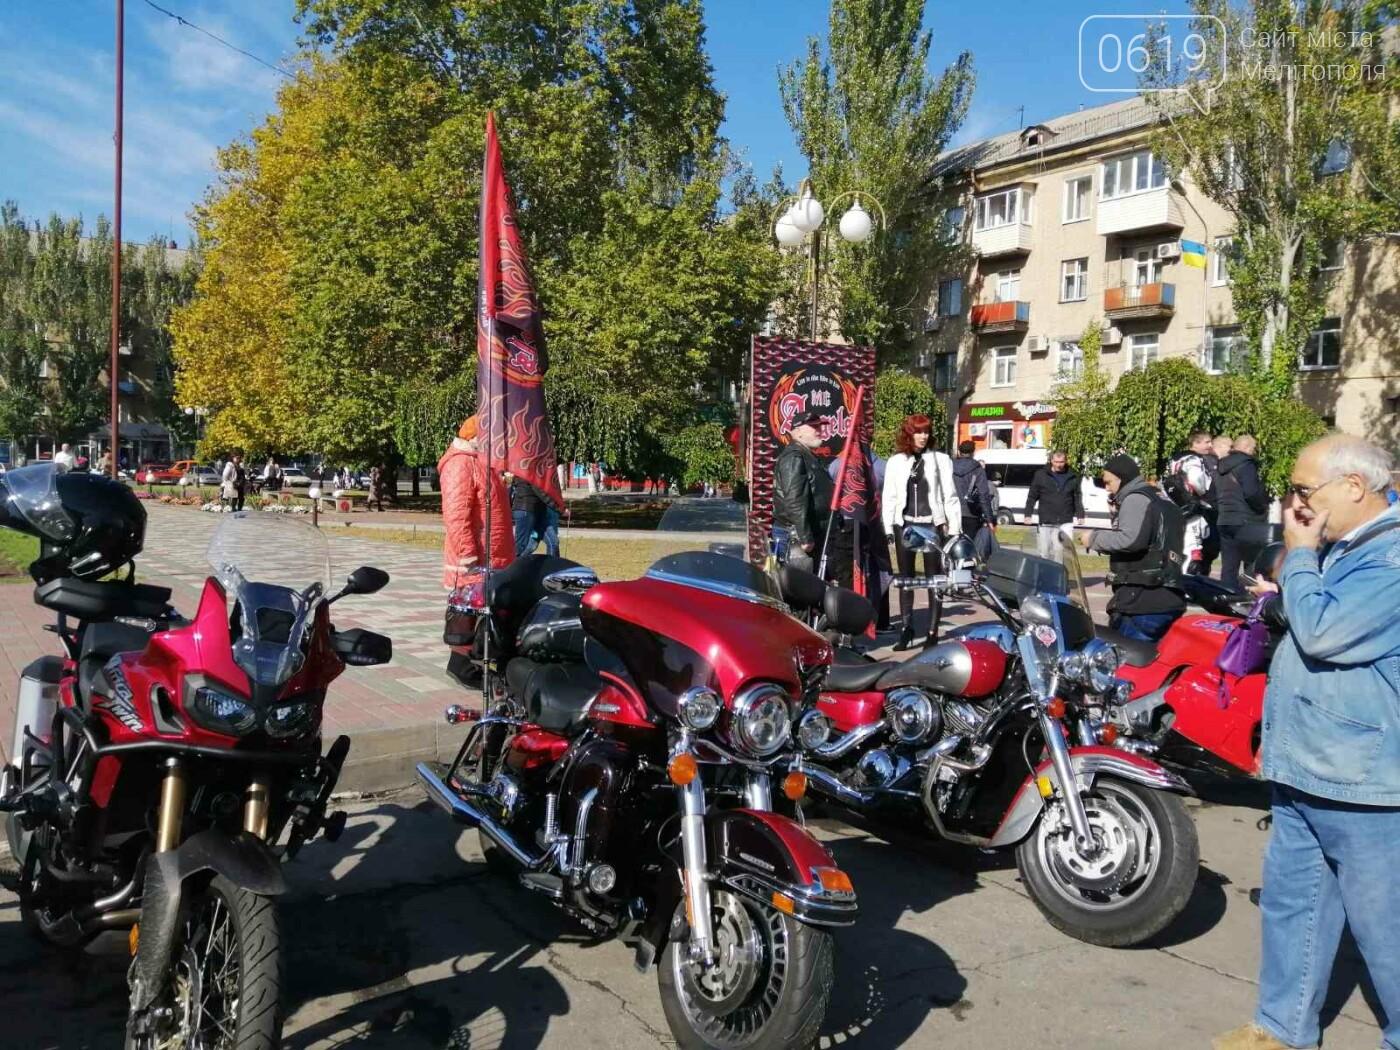 Байкеры проехали колонной по Мелитополю в честь закрытия мотосезона, - ФОТО, фото-1